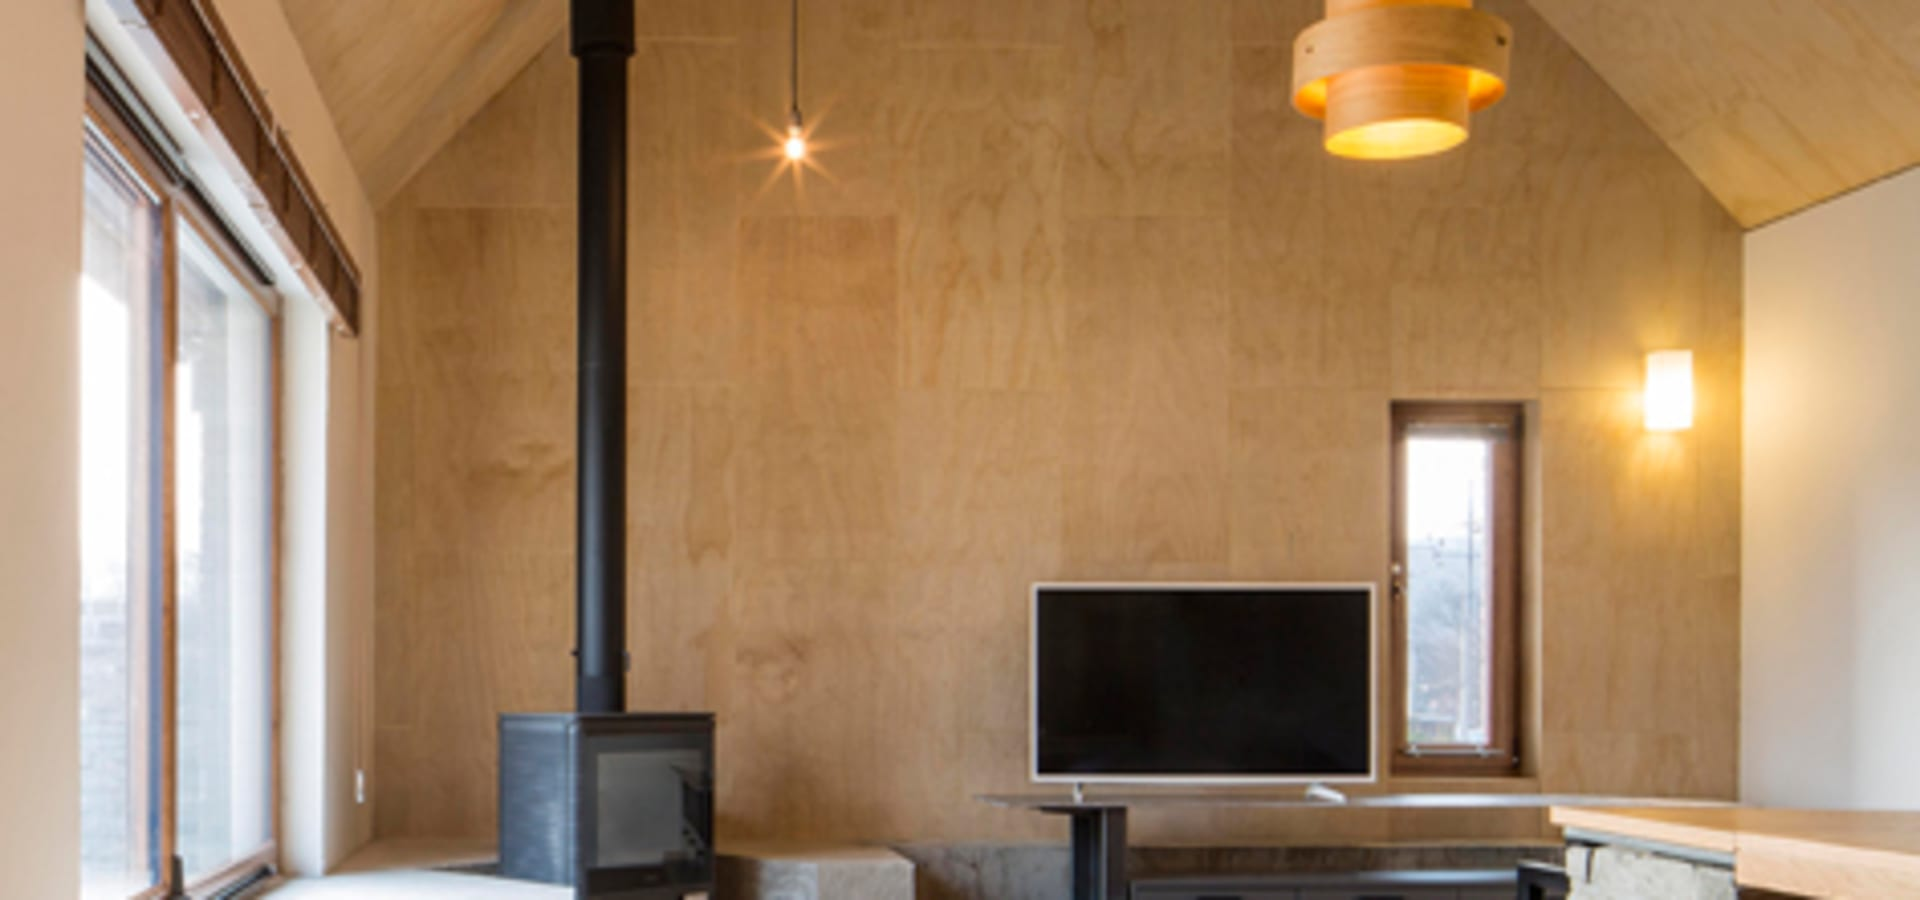 siwa architects